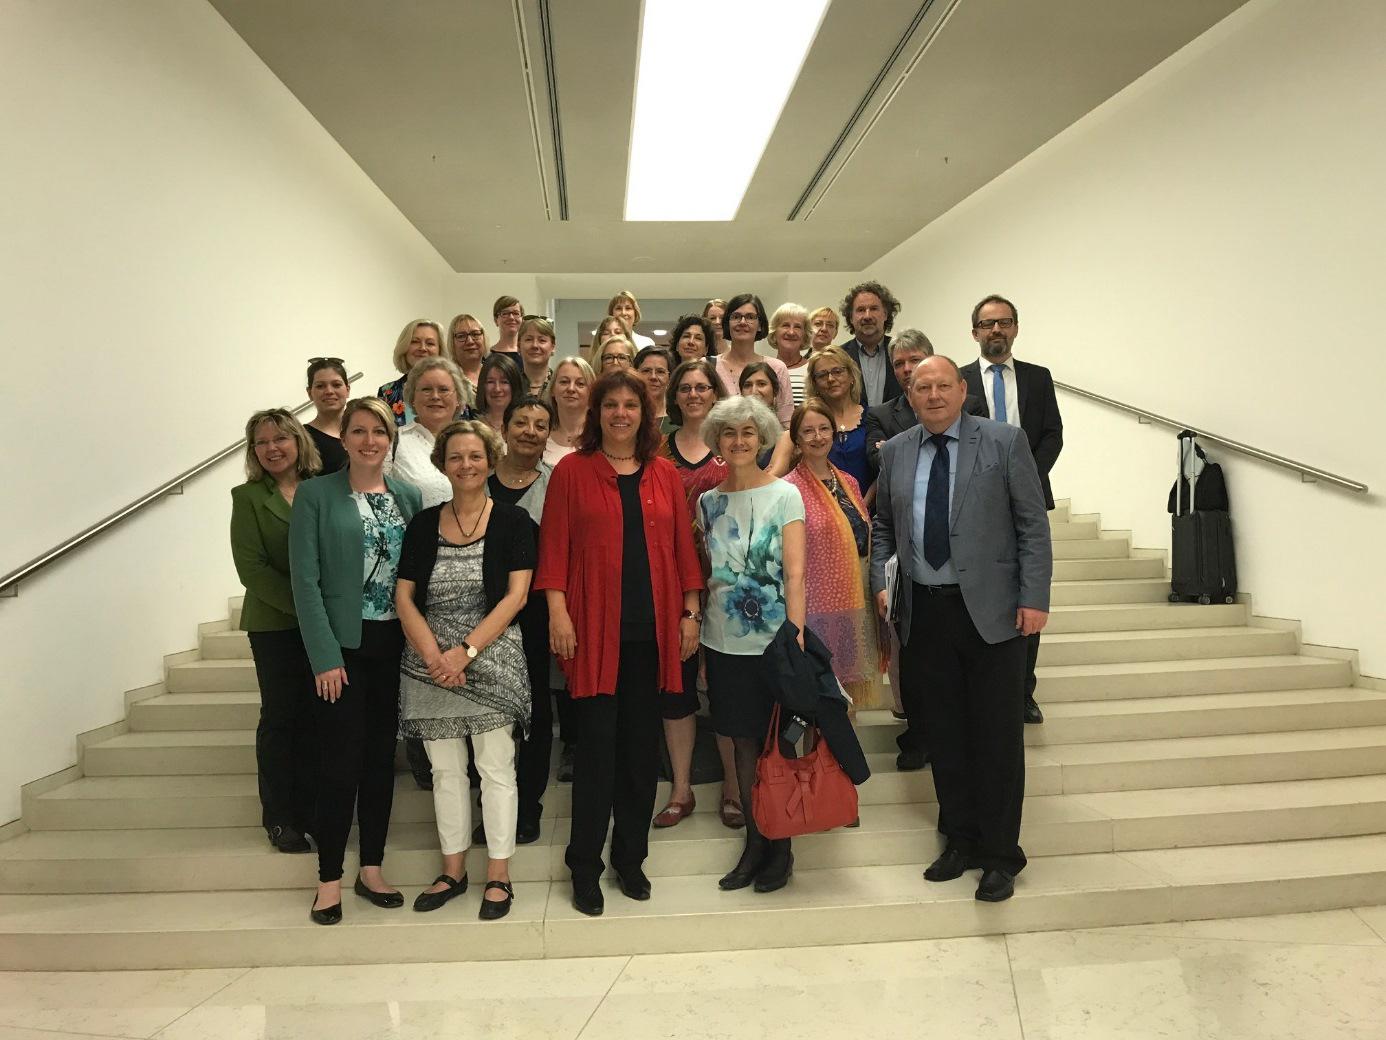 Das Bild zeigt die Gruppe der Gleichstellungsbeauftragten aus Deutschland und Österreich sowie Mitglieder der deutsch-österreichischen Parlamentariergruppe